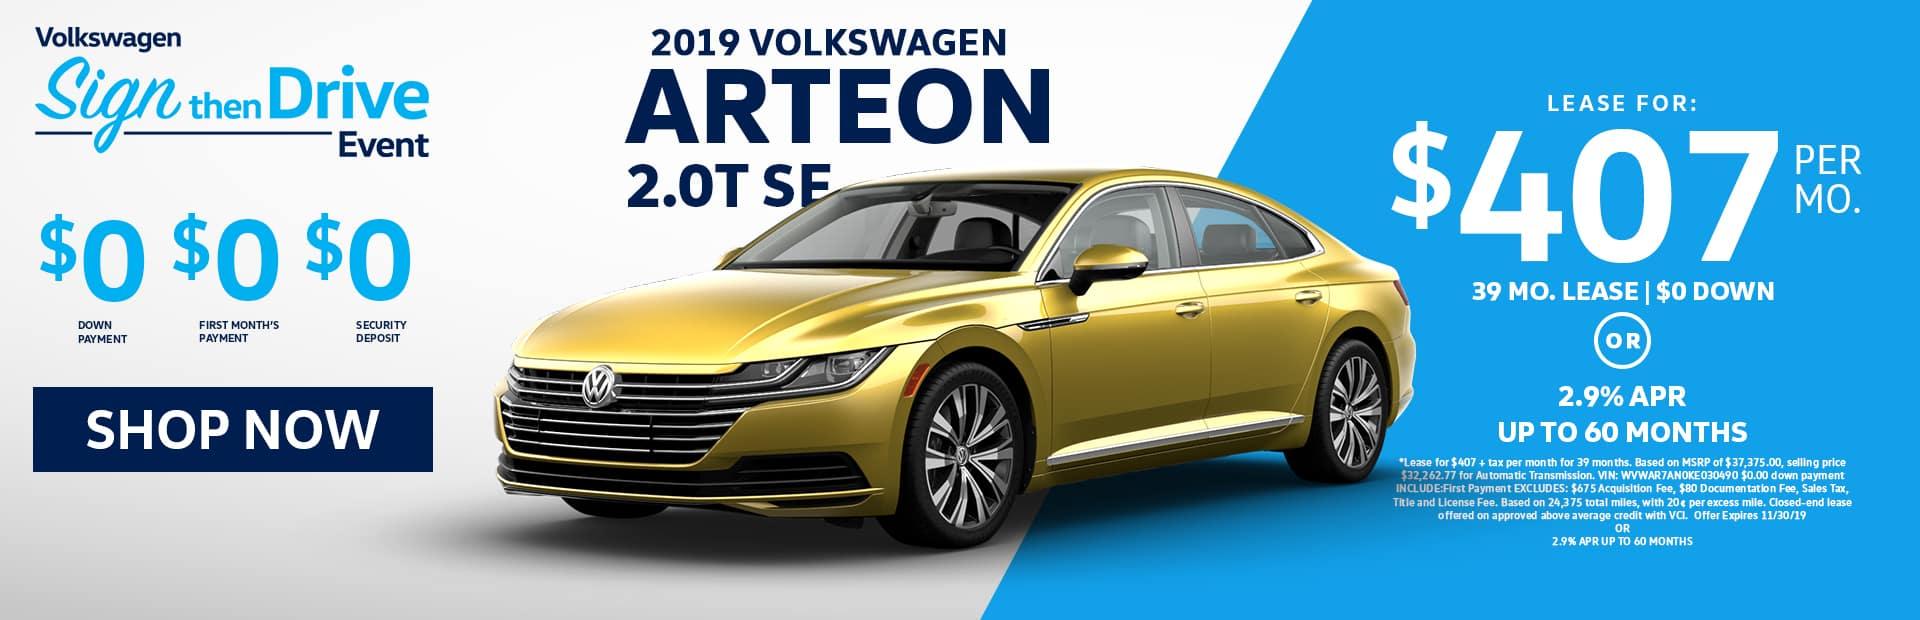 VW arteon se lease for sale near me in Glendale ca